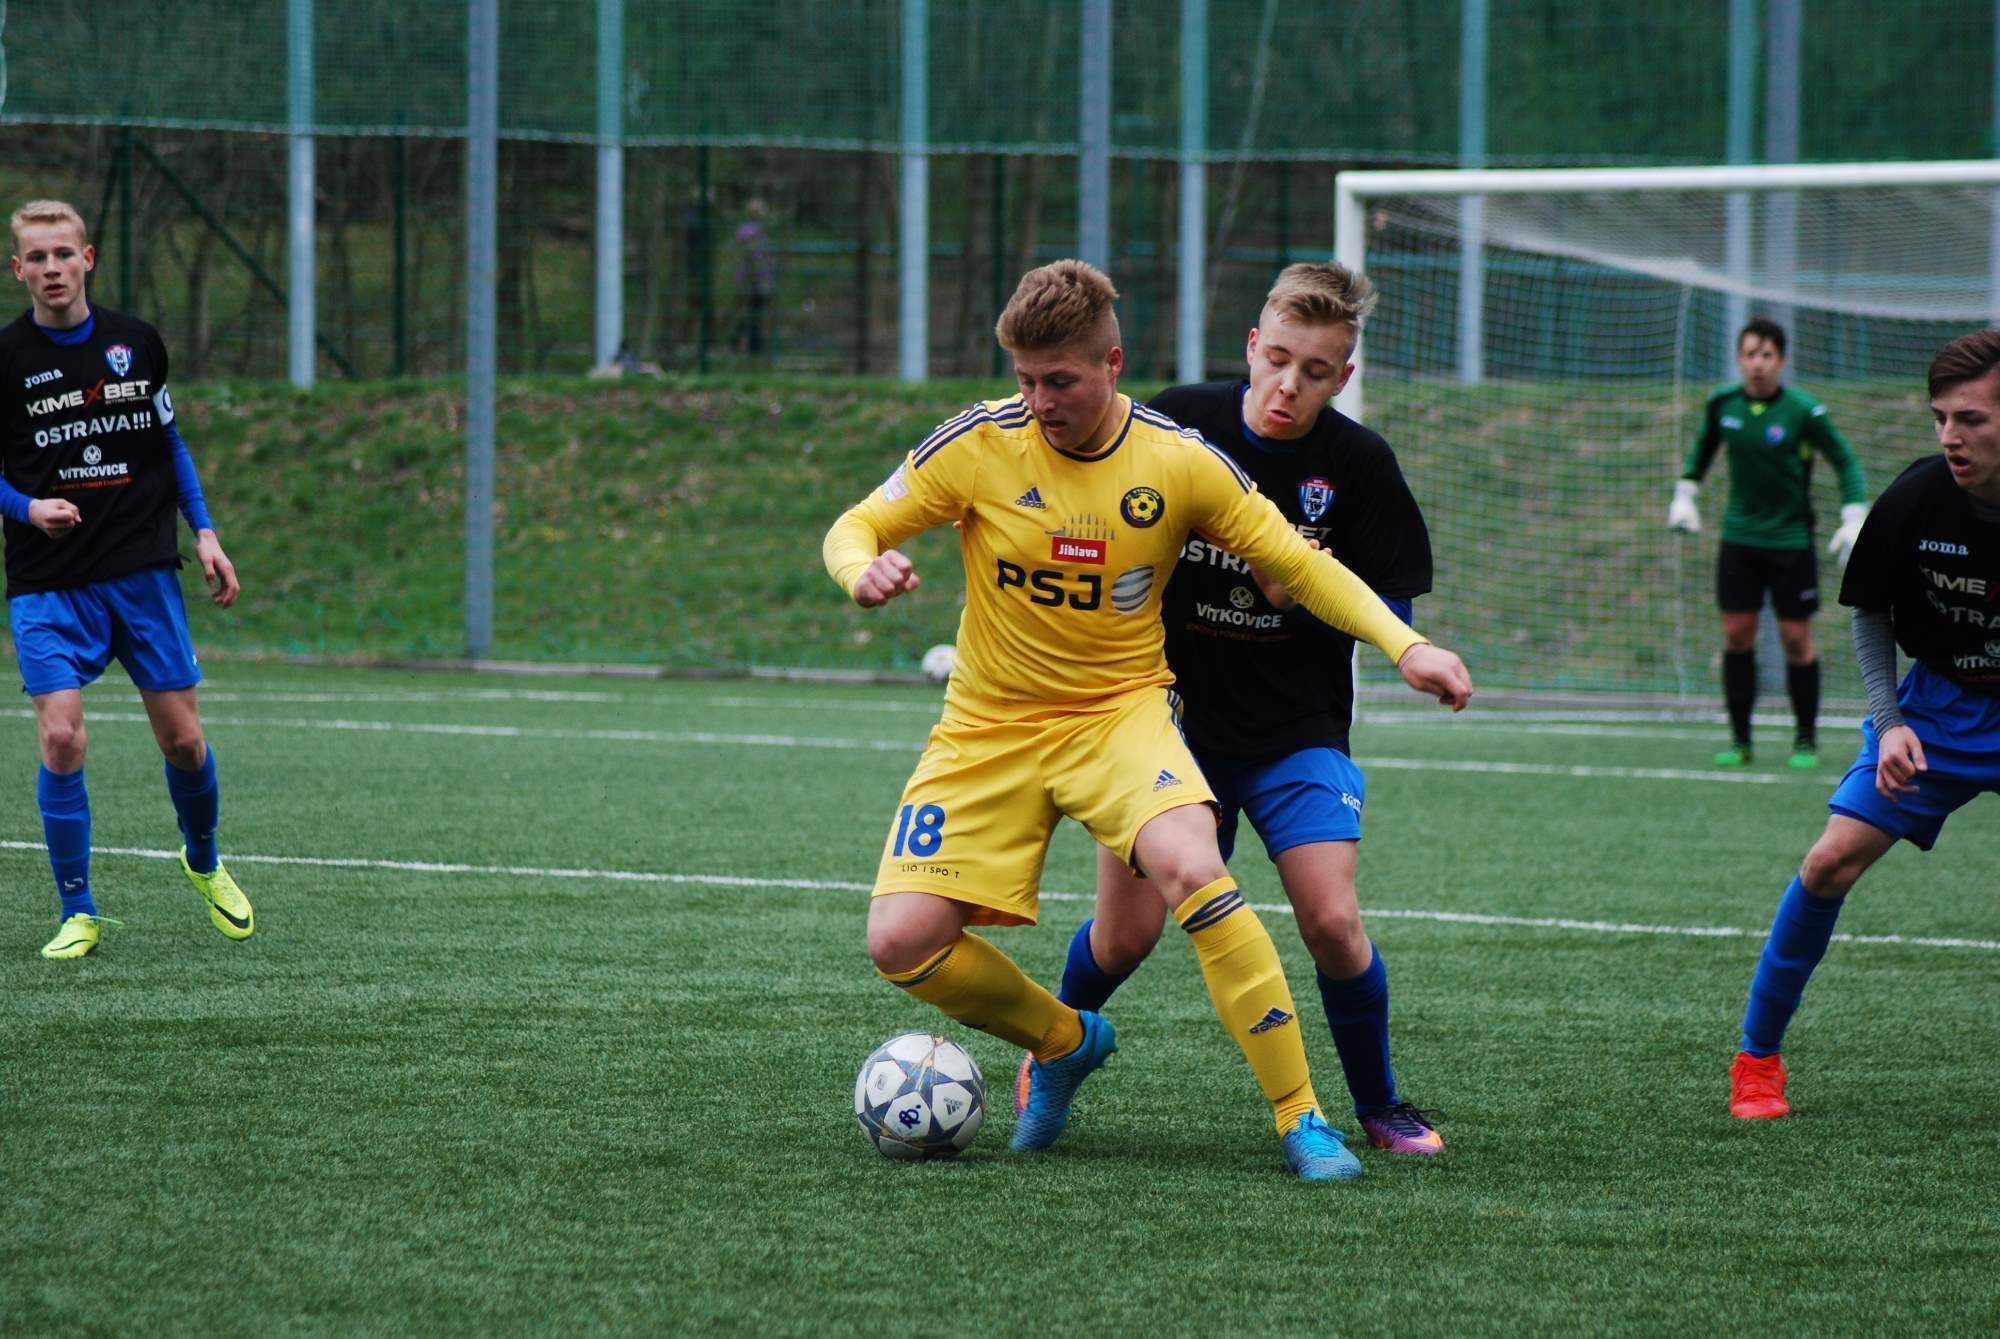 U16: Výhra proti Vítkovicím díky hattricku Šrámka během 9 minut!